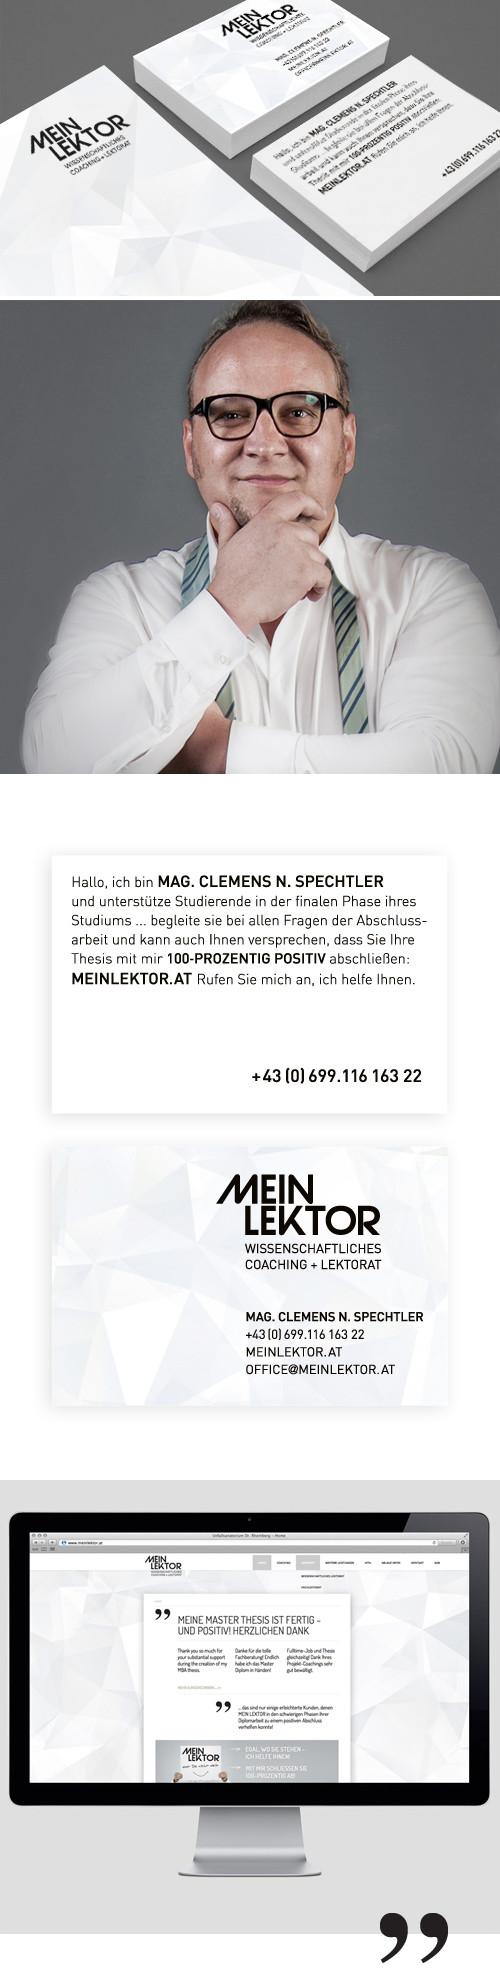 Susanne Lindner, Lektor, meinLektor, Salzburg, Werbeagentur, Moosstraße 88a, Internetauftritt, Werbeauftritt,  Logo gestalten, Geschäftsausstattung, Visitenkarte, Werbetafel, Logodesign, Folder, Kozeption, kreativ, Kreation, Text, texten, gestalten, susa